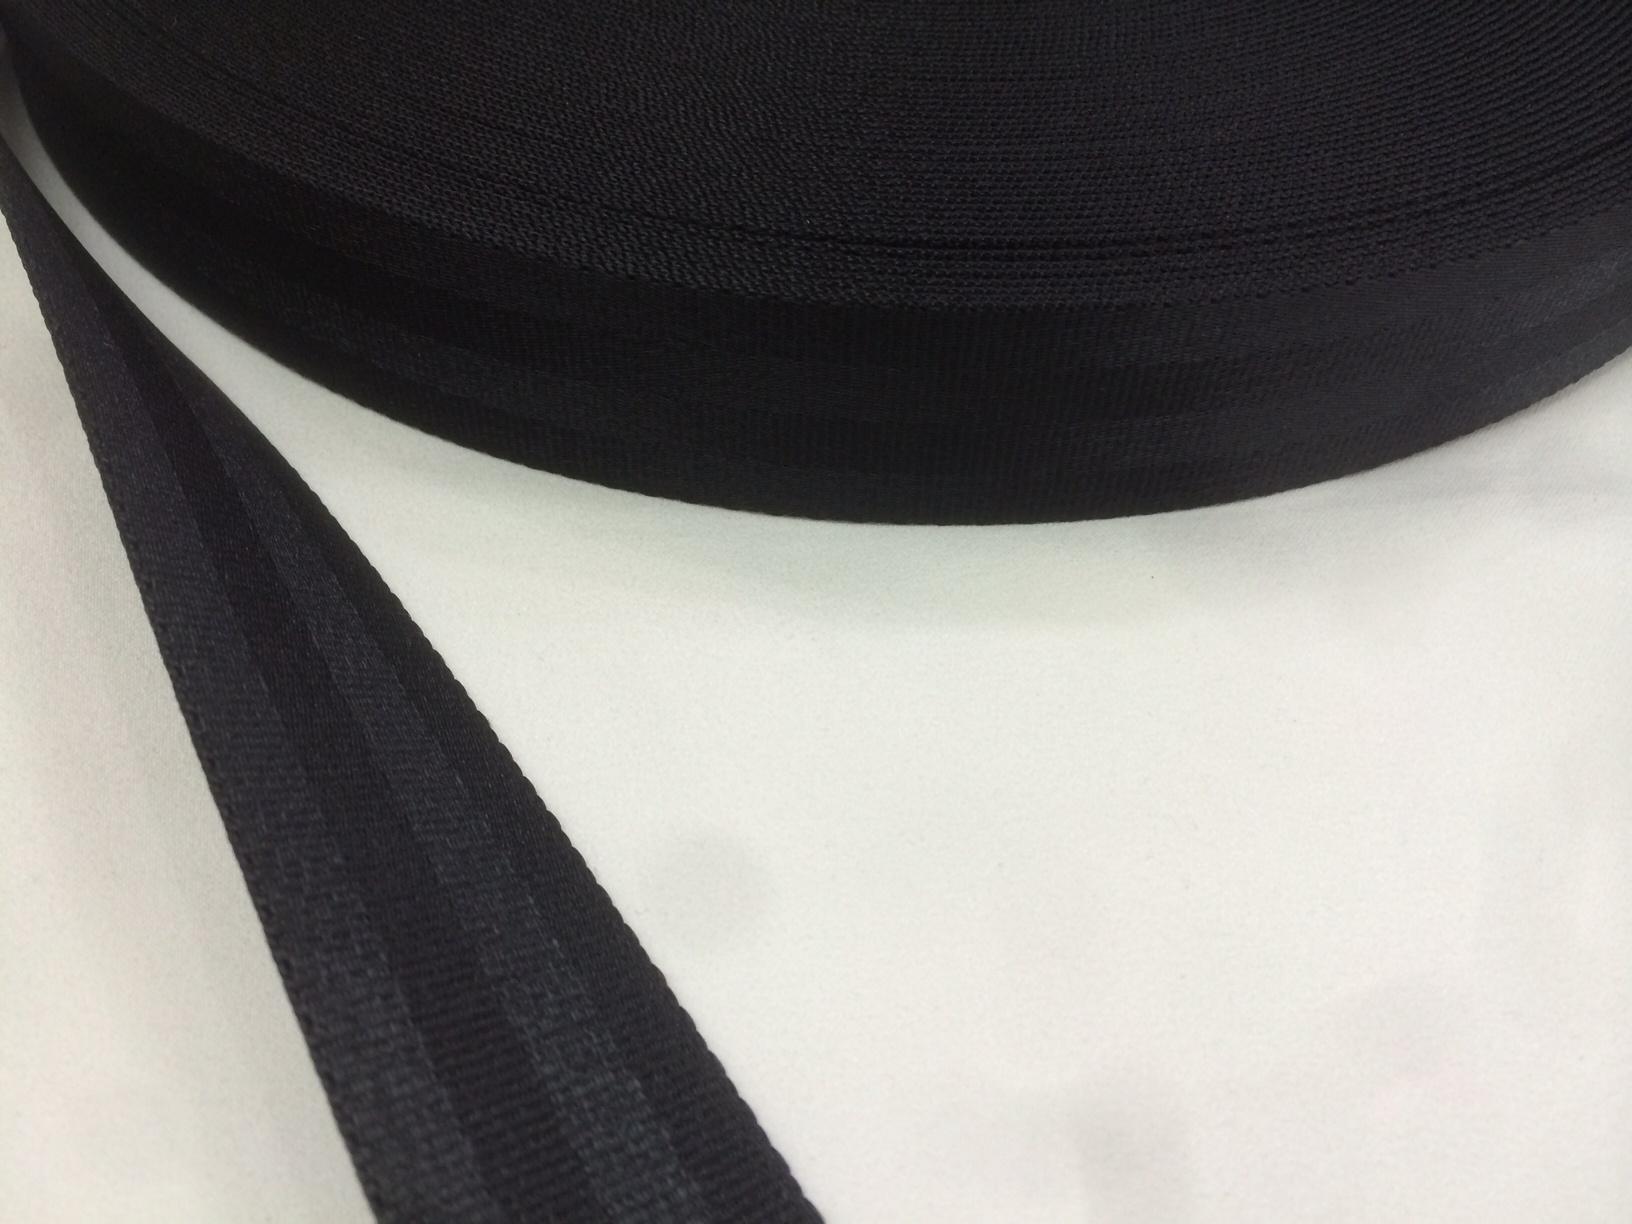 SALE! ナイロンベルト 二ツ山織 38㎜幅 1.6㎜厚 黒 1巻(50m)